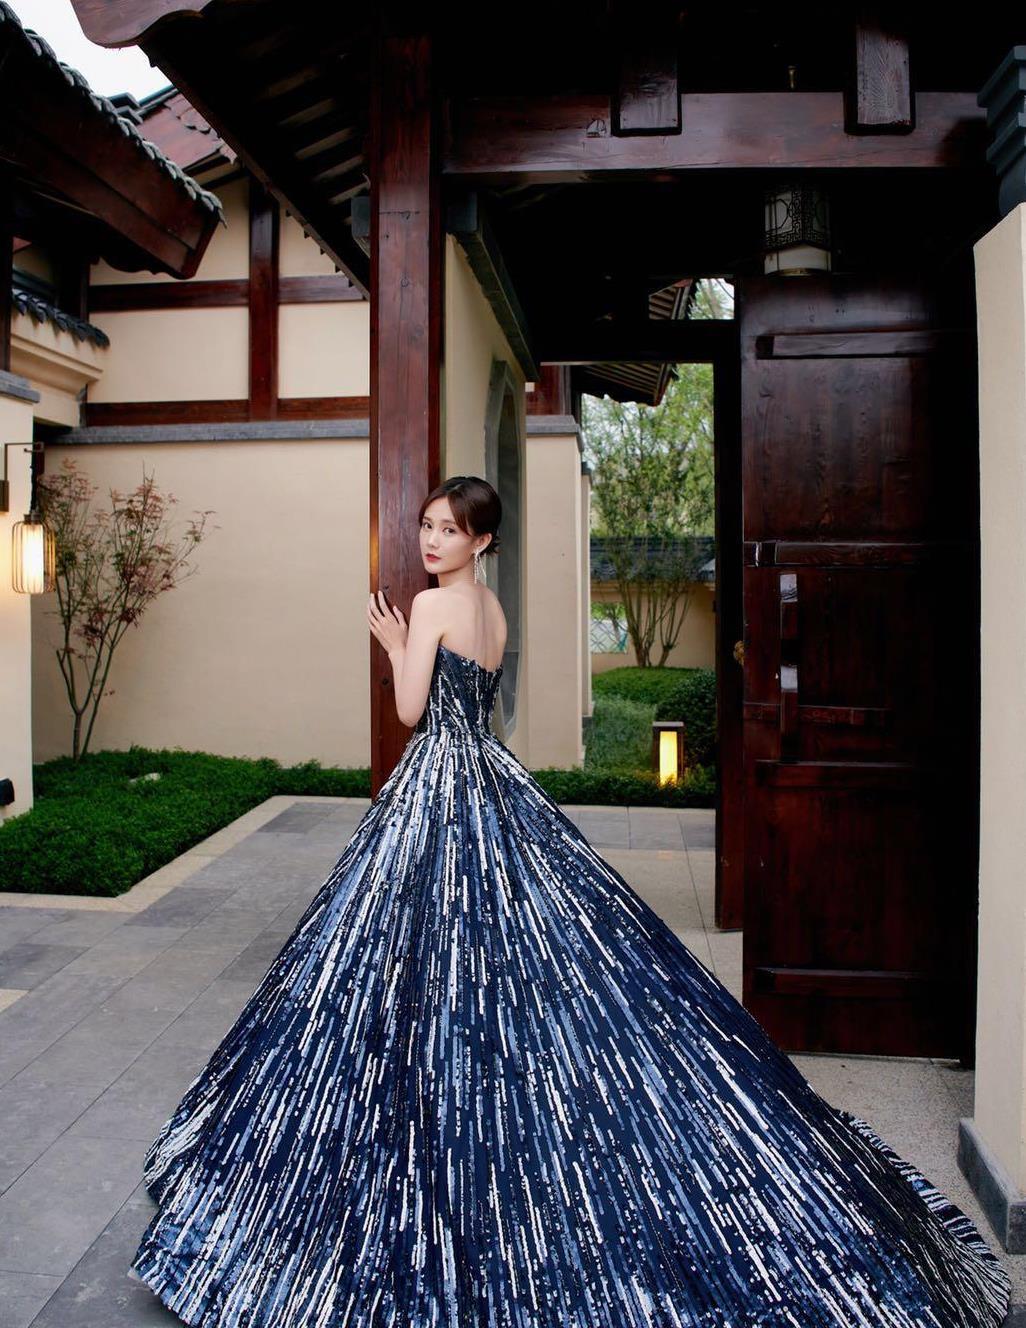 礼服更喜欢李一桐的穿搭风格,蓝色调自带高贵感,低调奢华有内涵